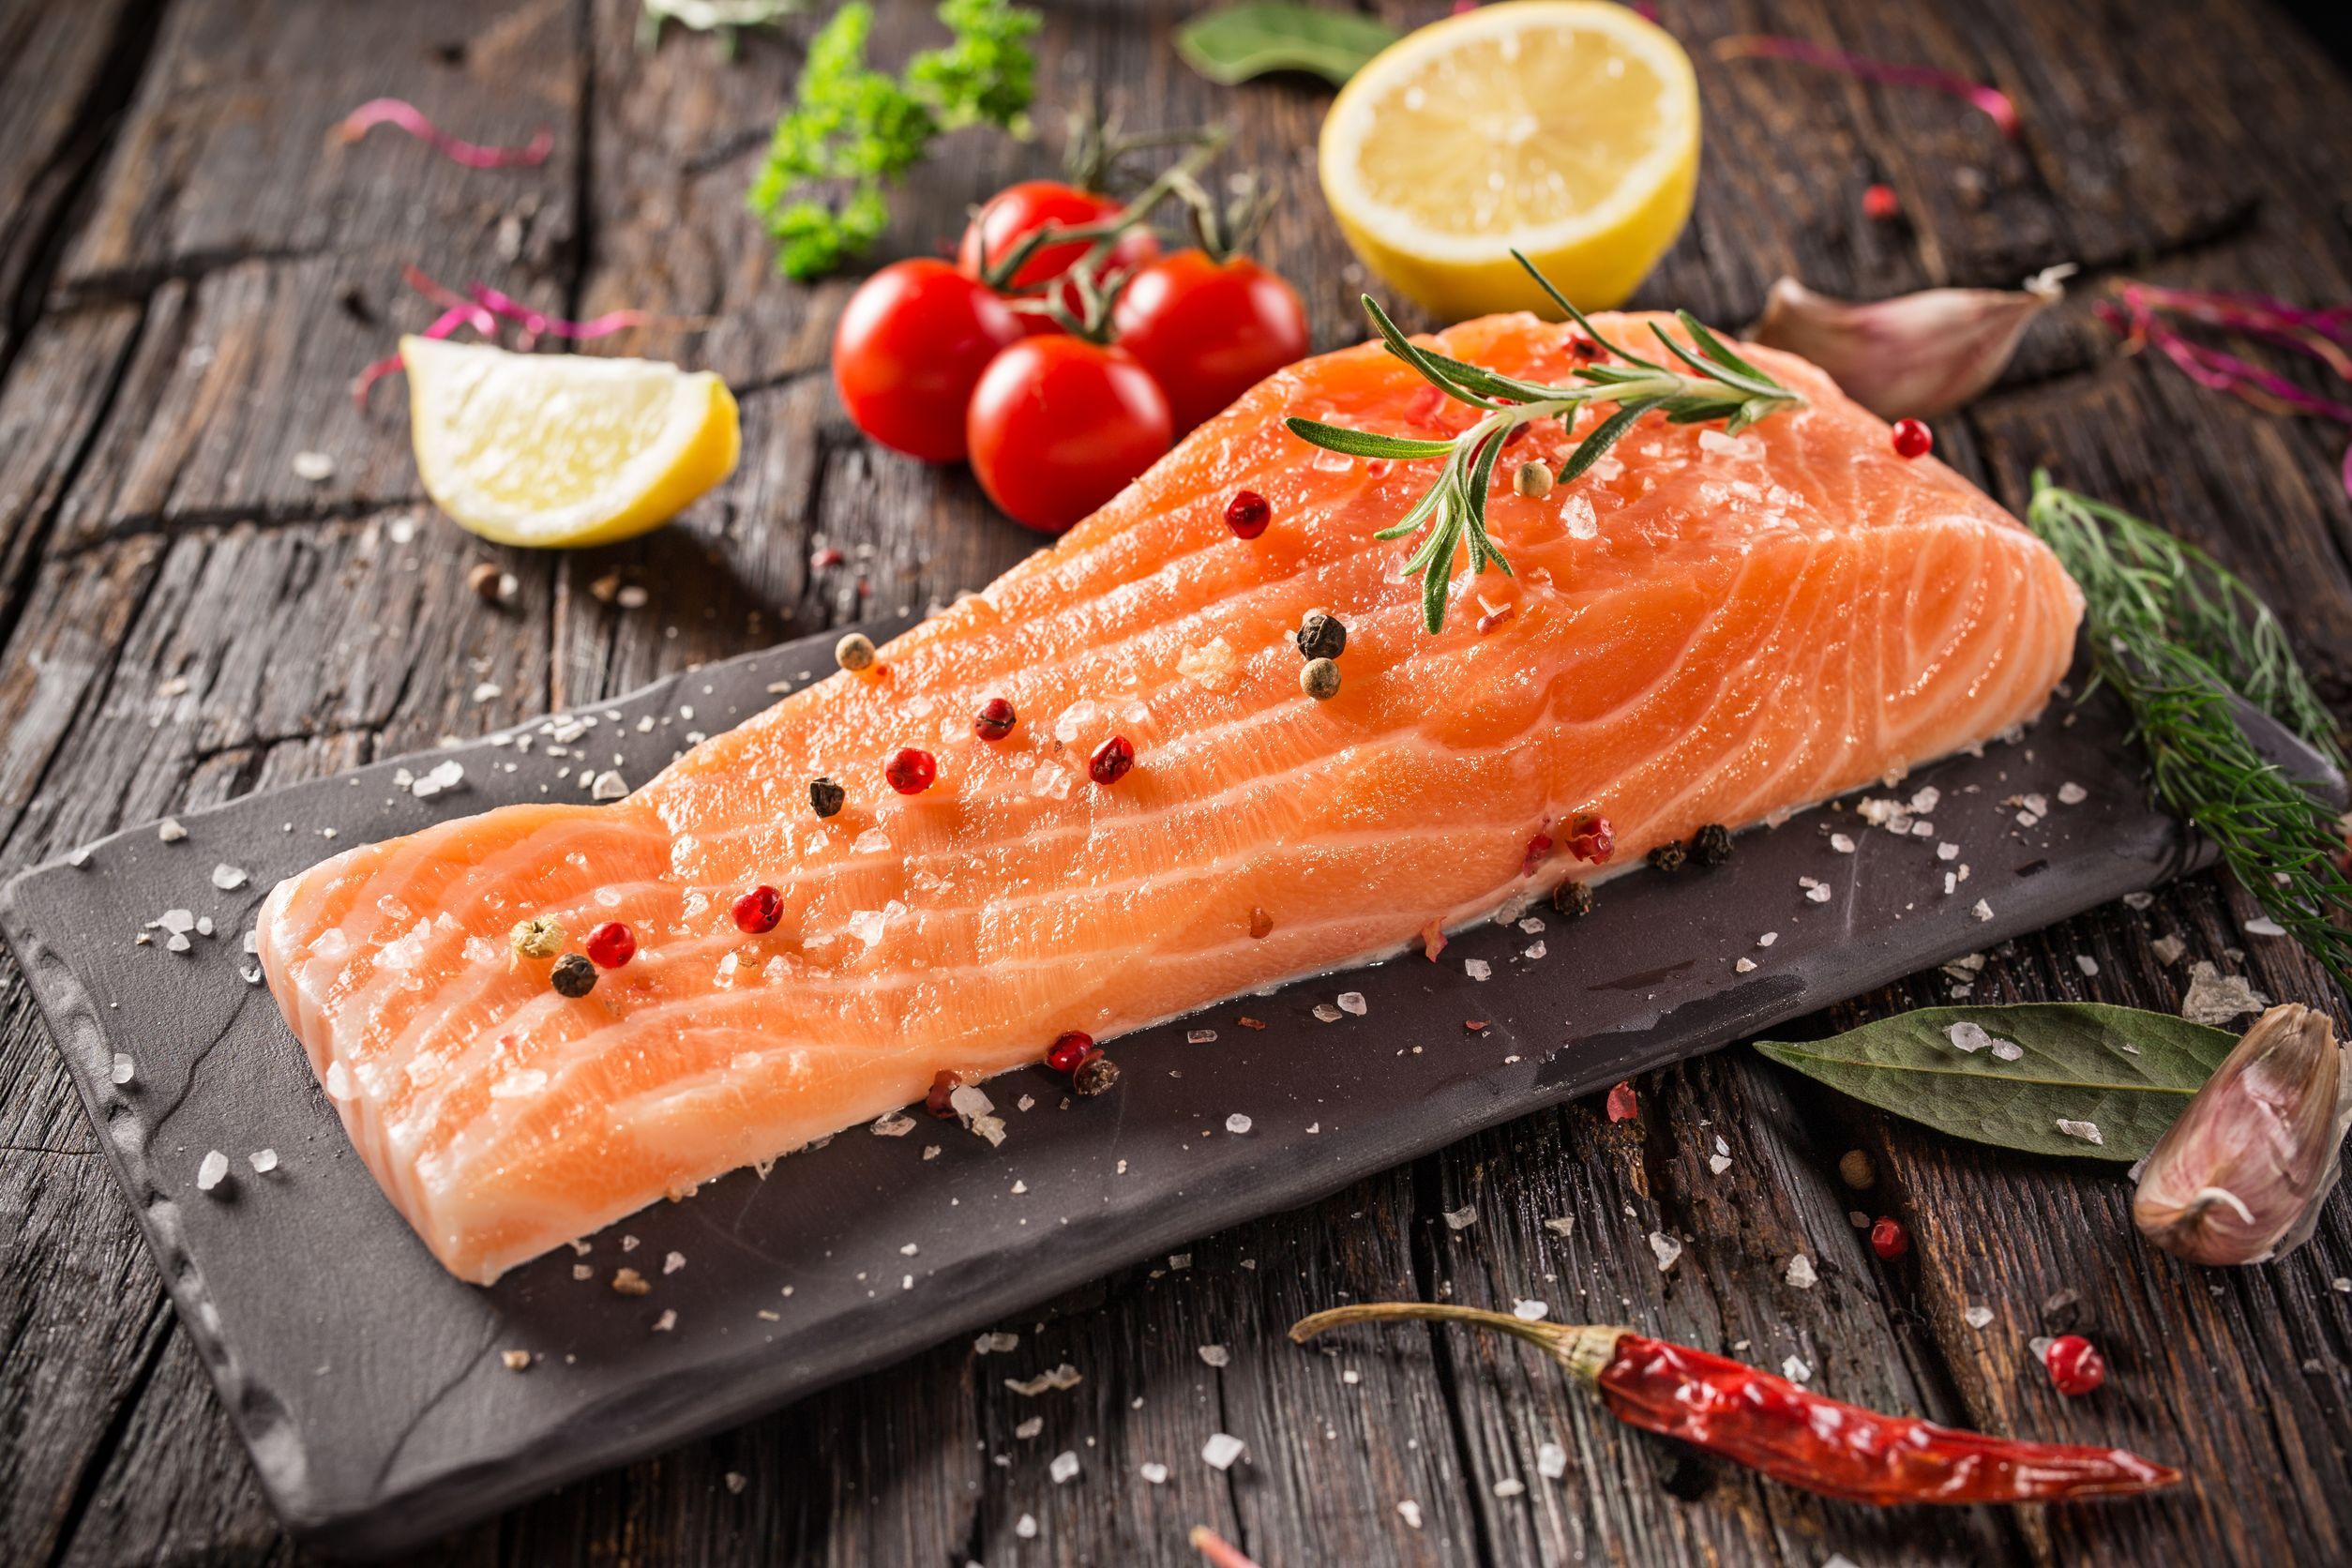 salmon-steak-on-wooden-table